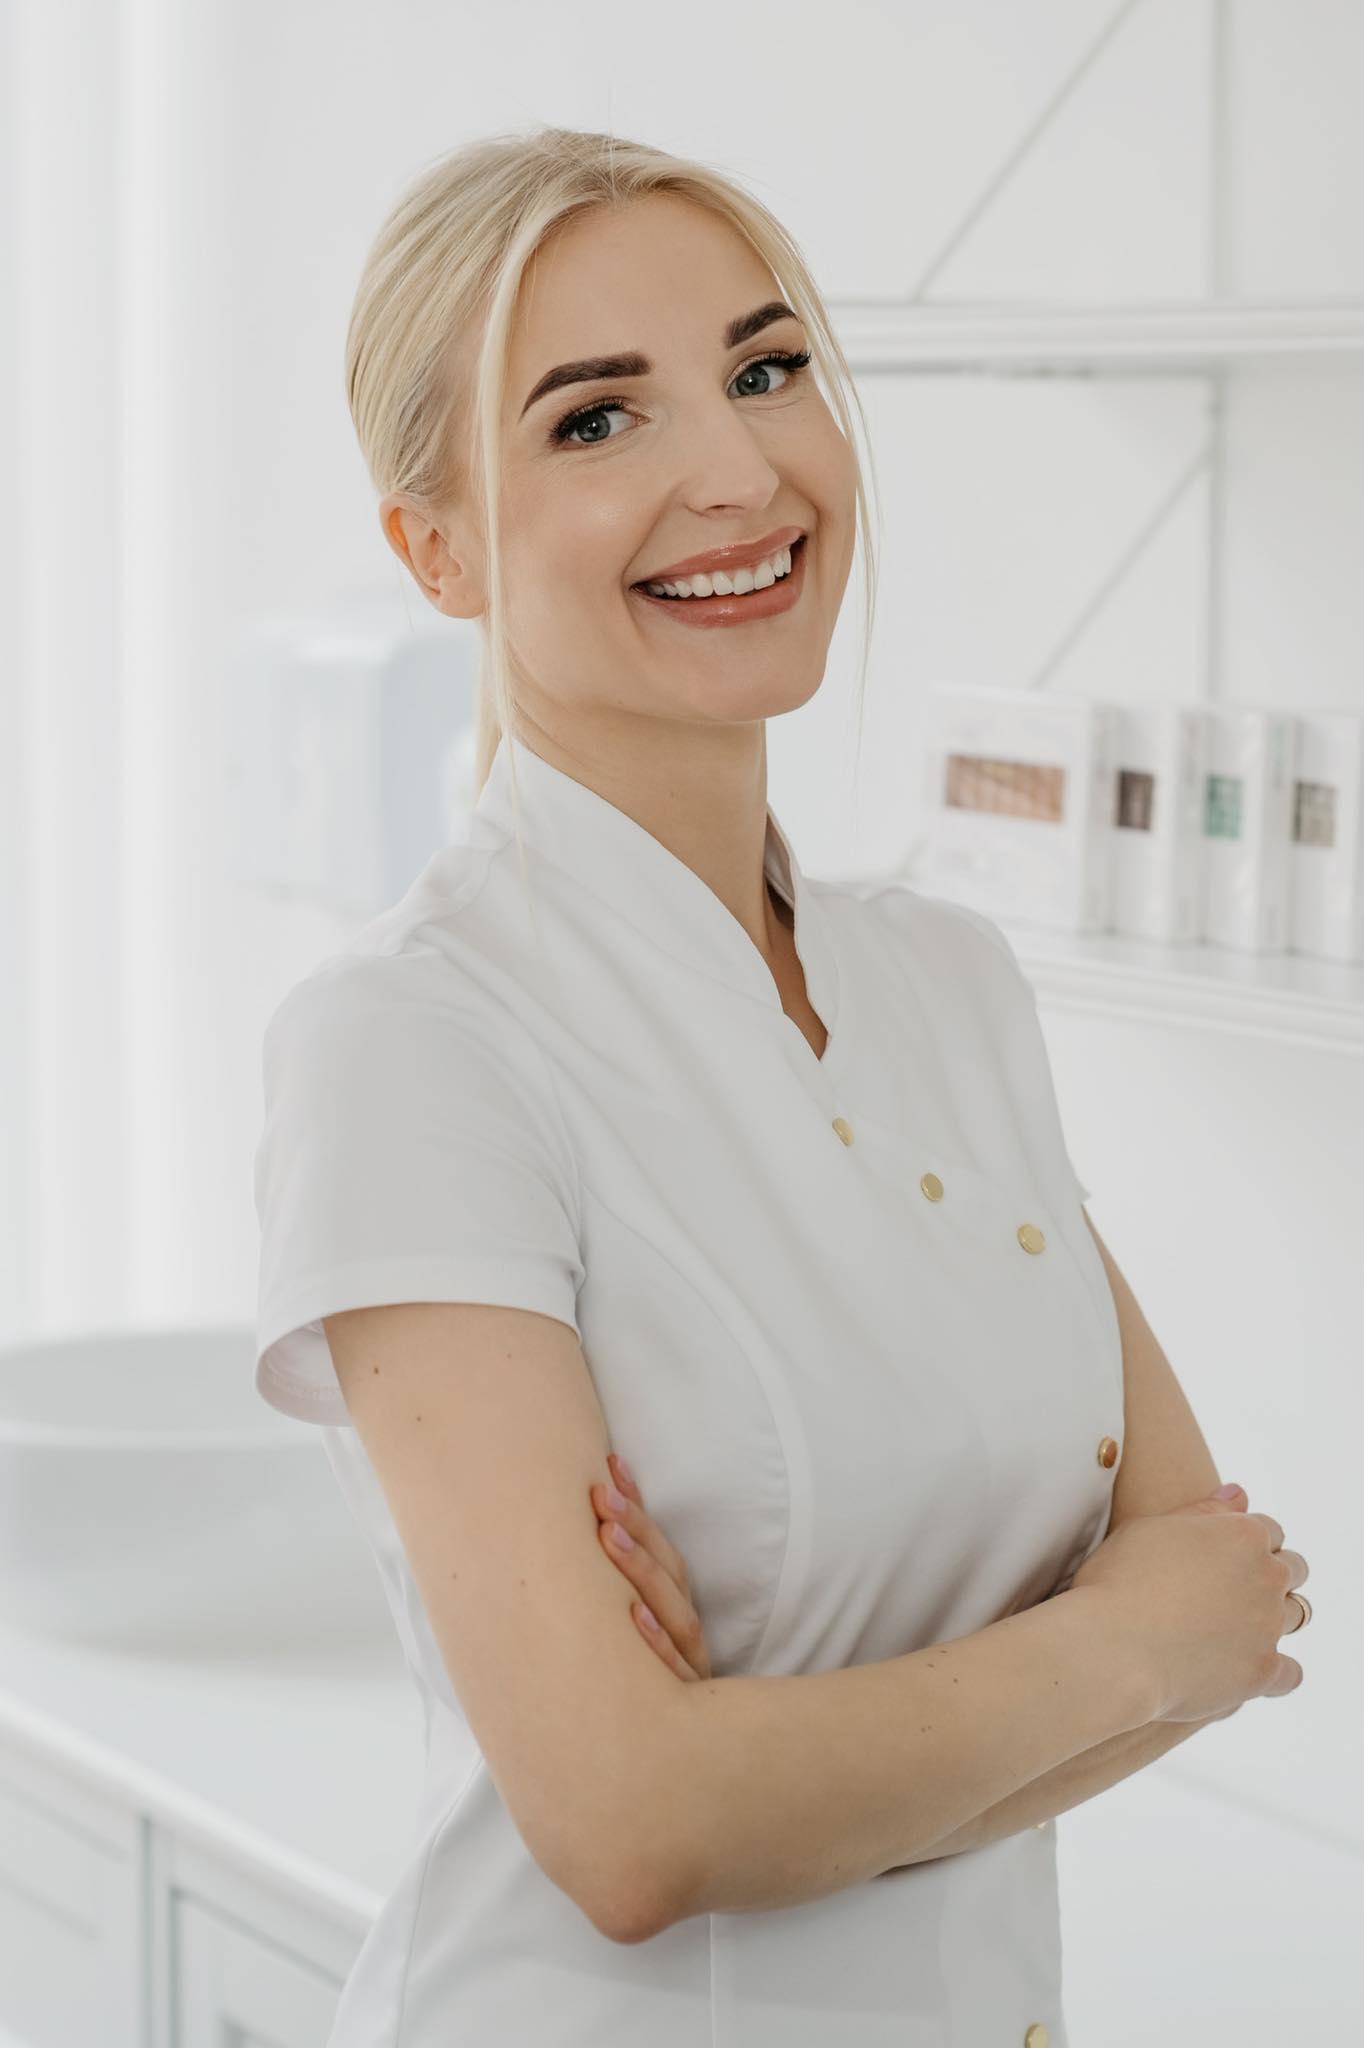 Kosmetologo profesija